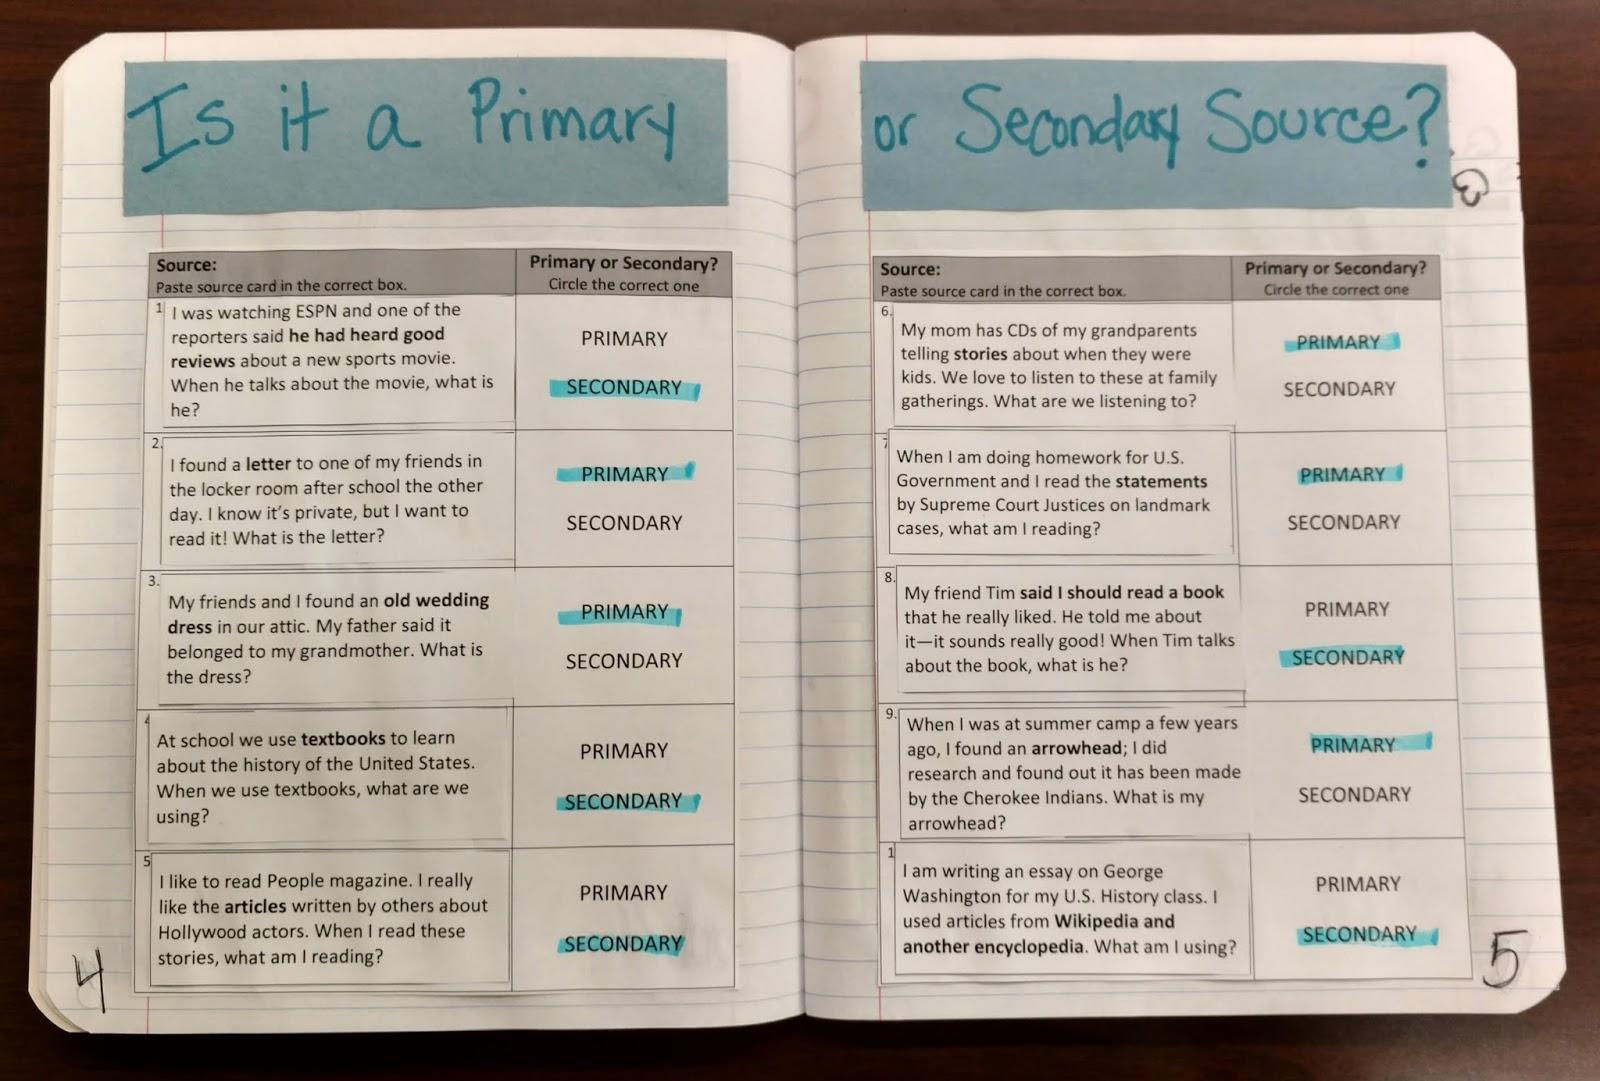 Primary Source Worksheet High School